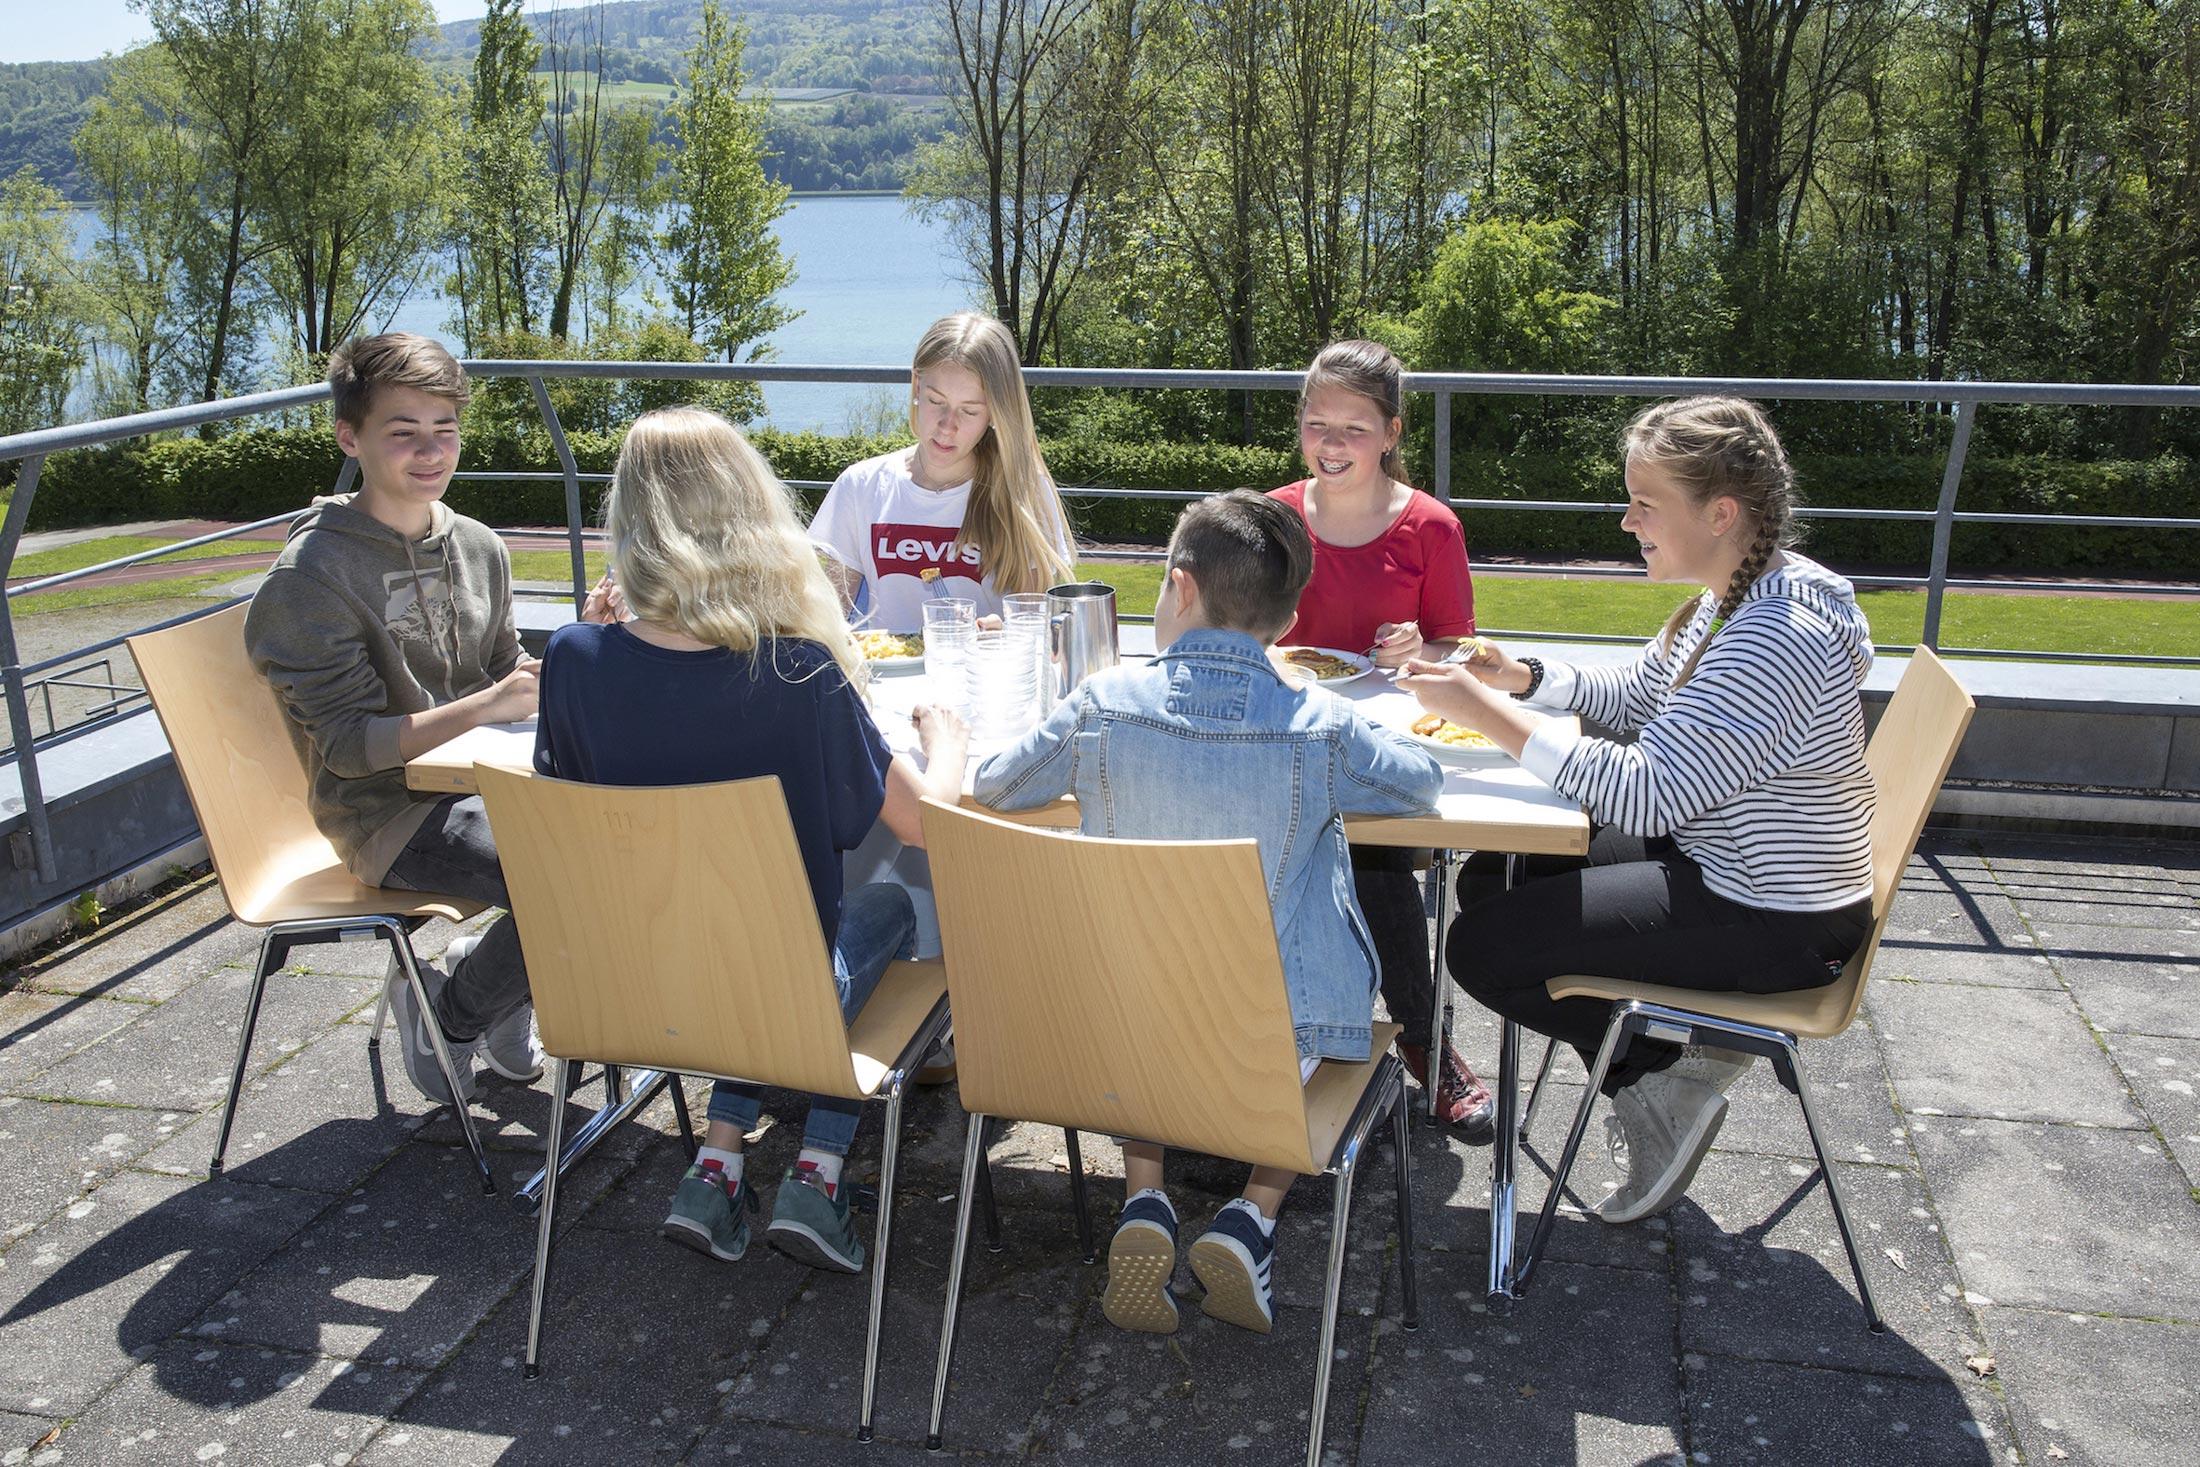 Schüler beim Mittagessen auf der Terrasse mit Seeblick